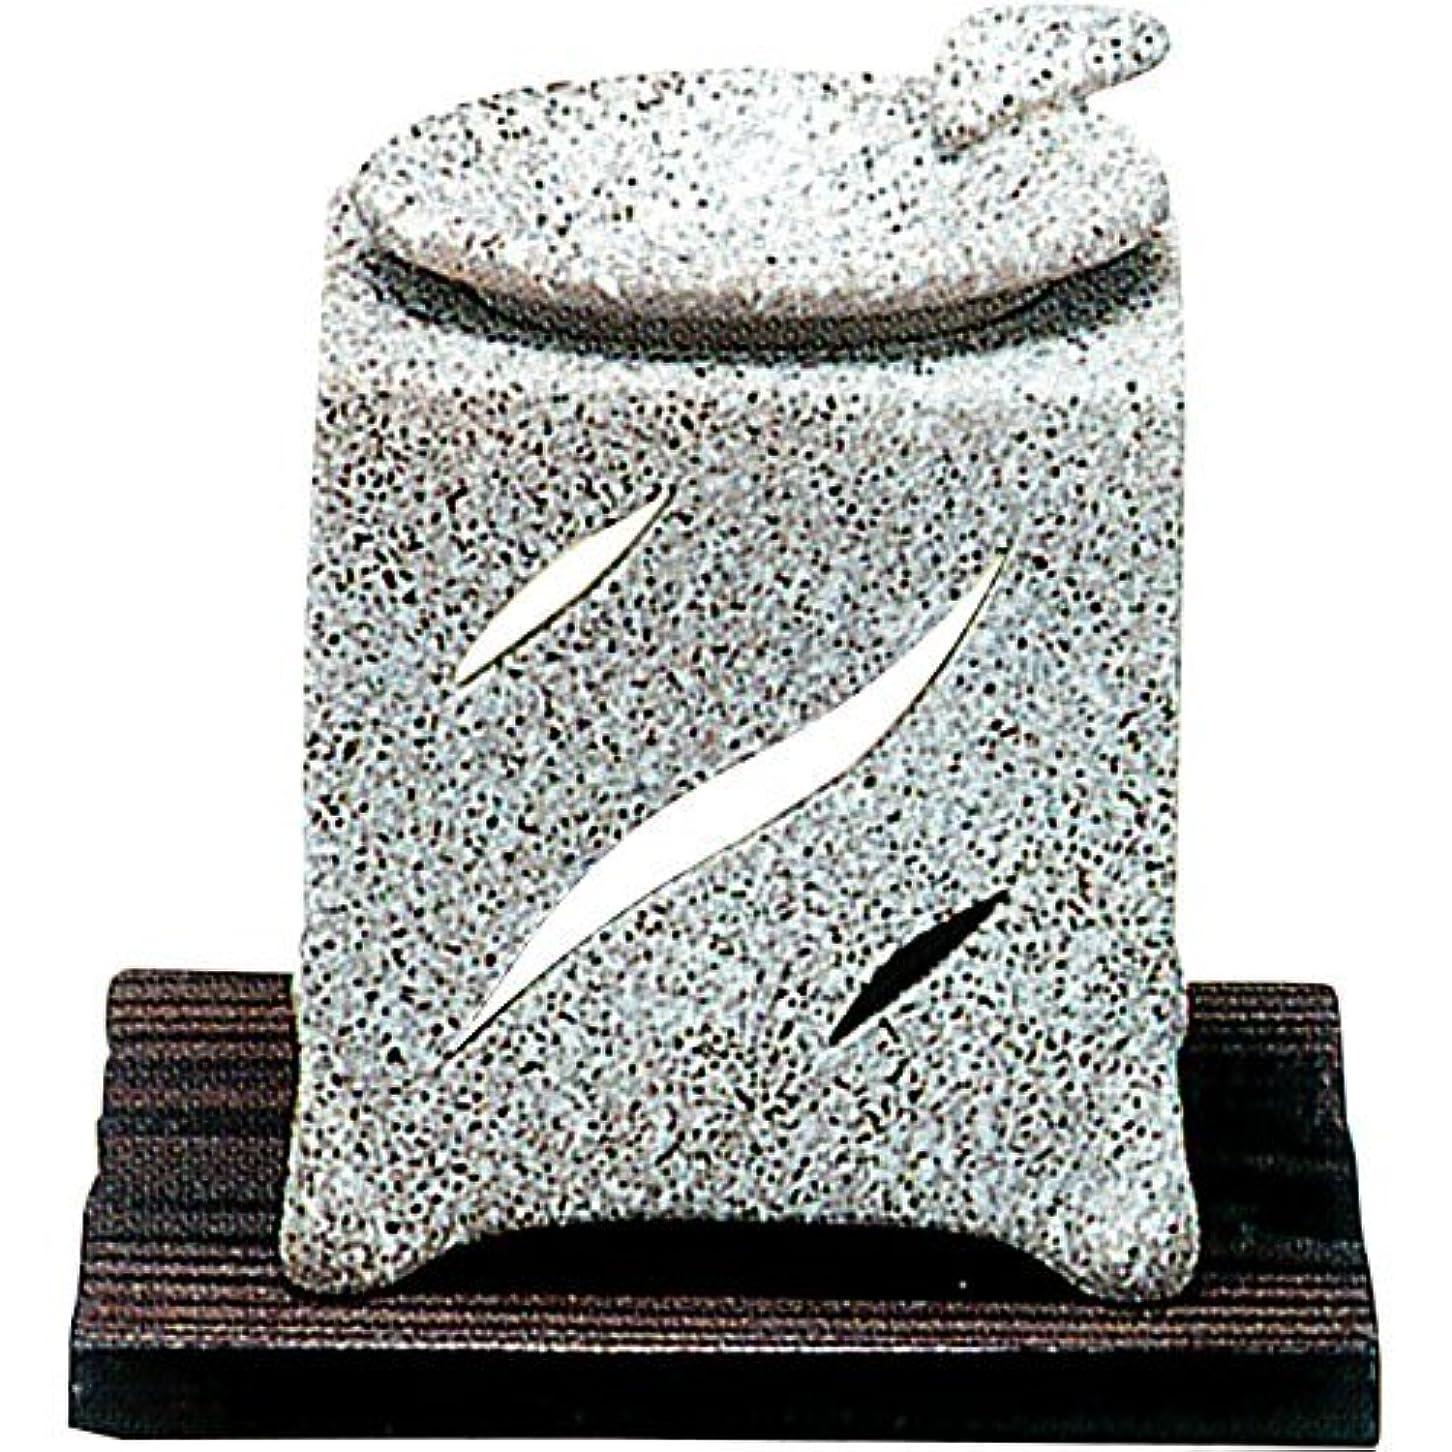 引き潮雪の国歌【常滑焼】山房 石風角形茶香炉 石風角形 10×10×H12㎝ 5-261